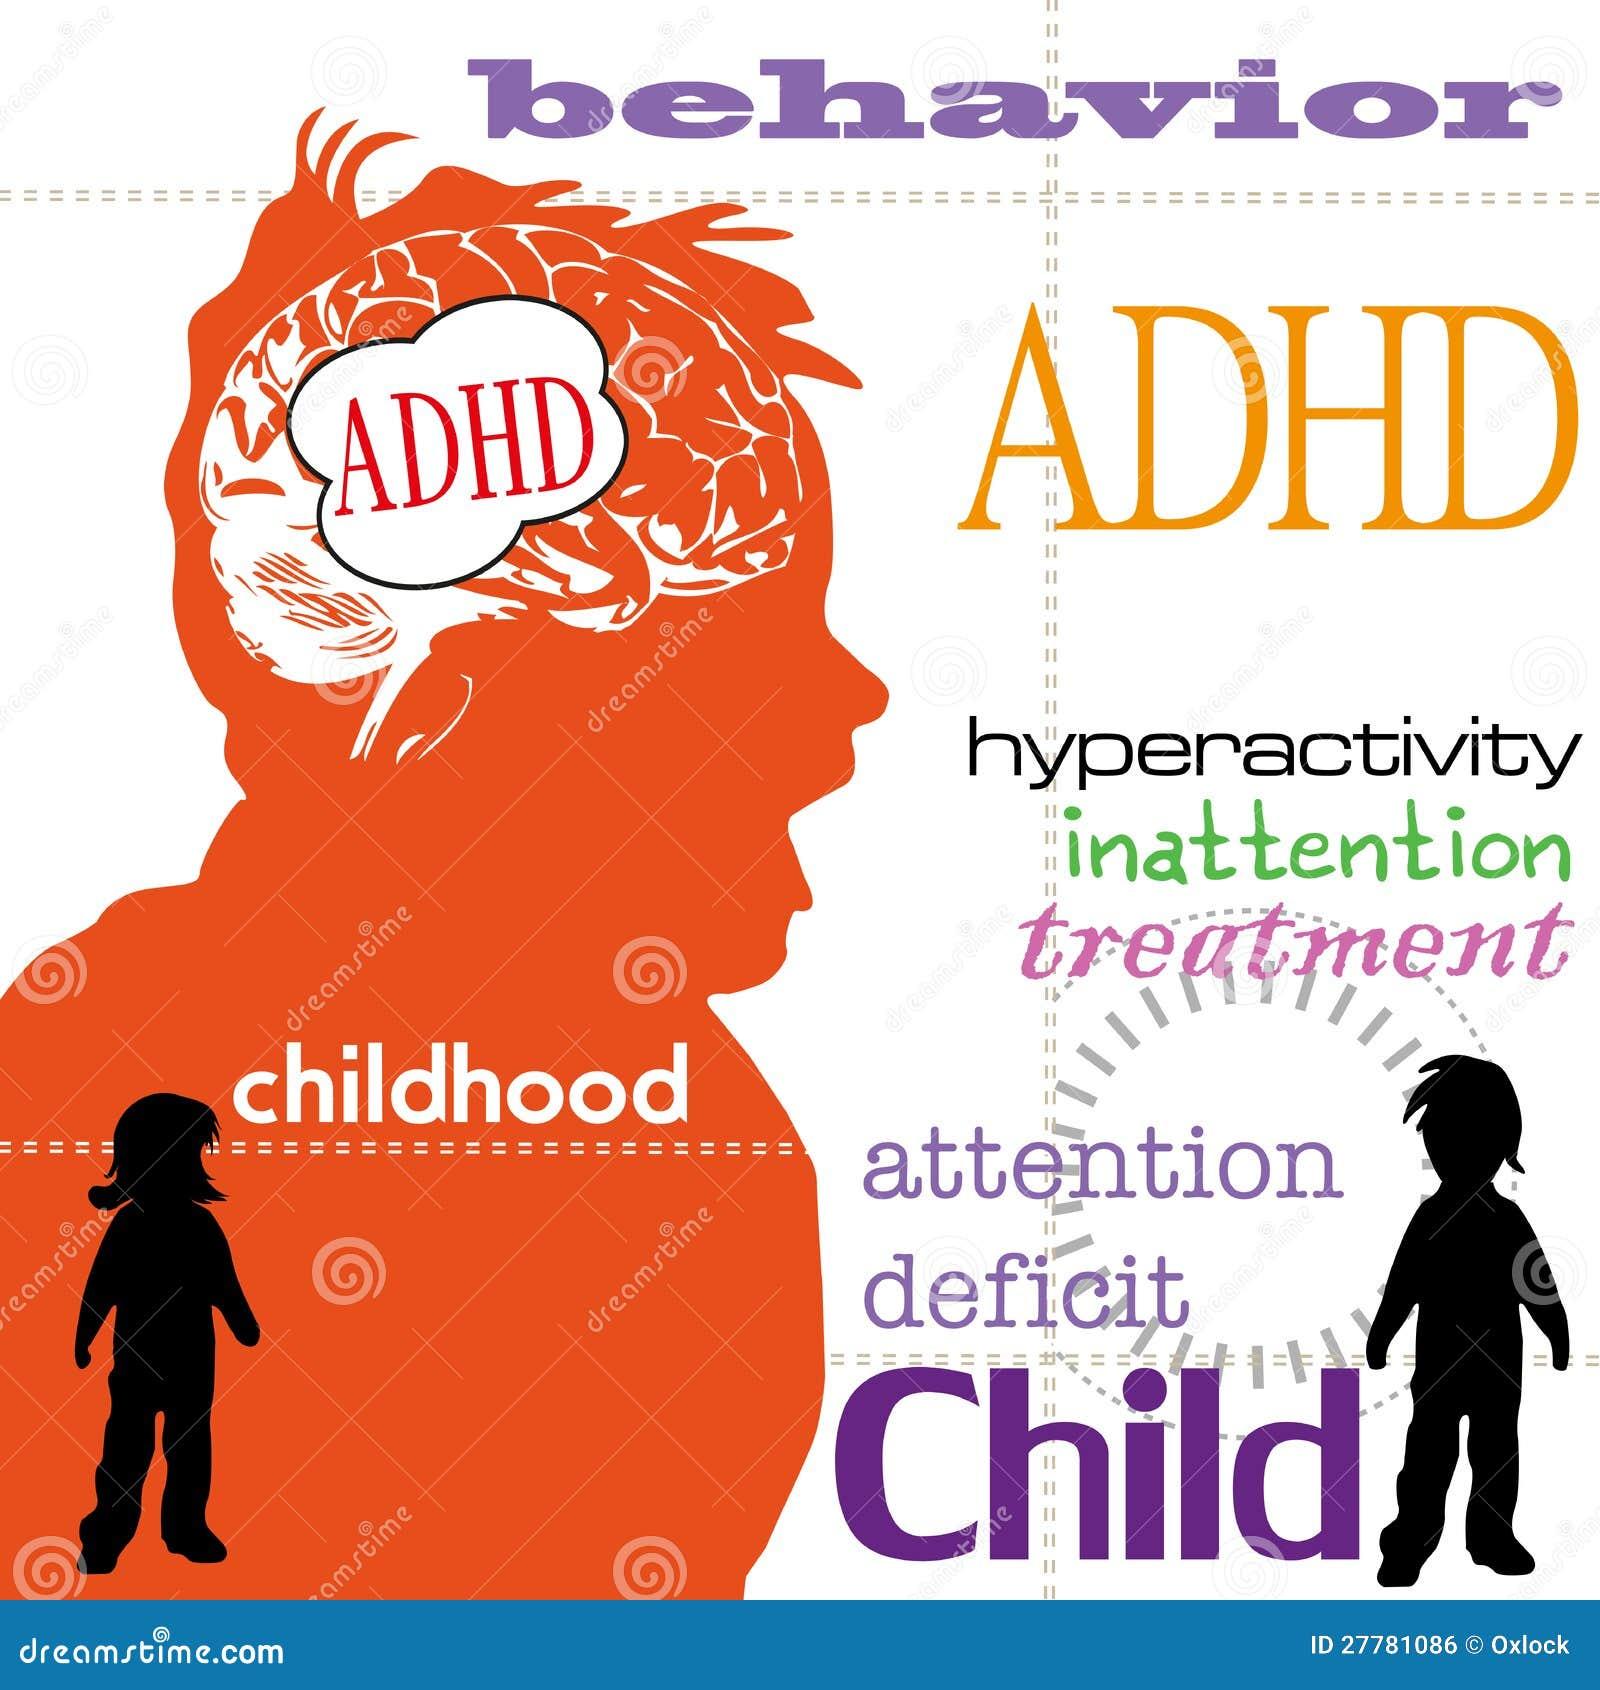 Aufmerksamkeitsdefizit-Hyperaktivitätstörung